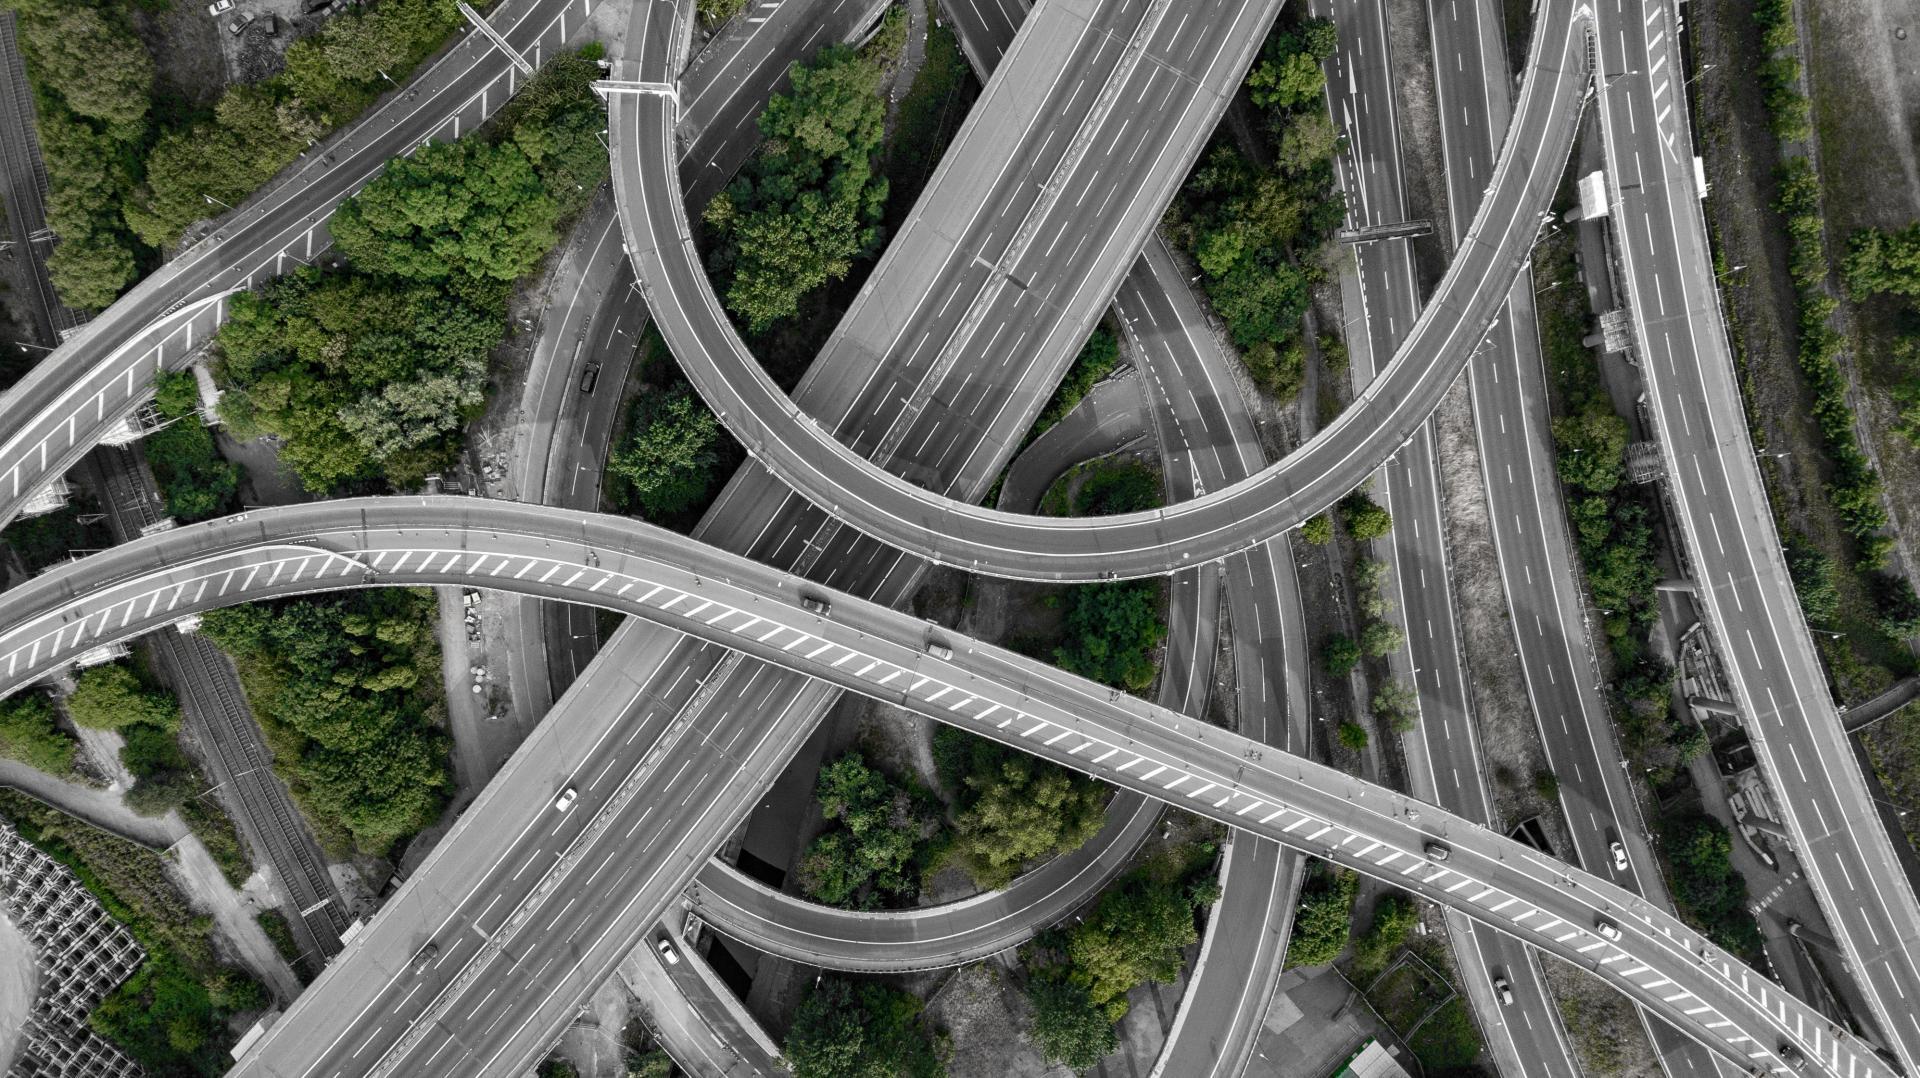 snelweg-boven-